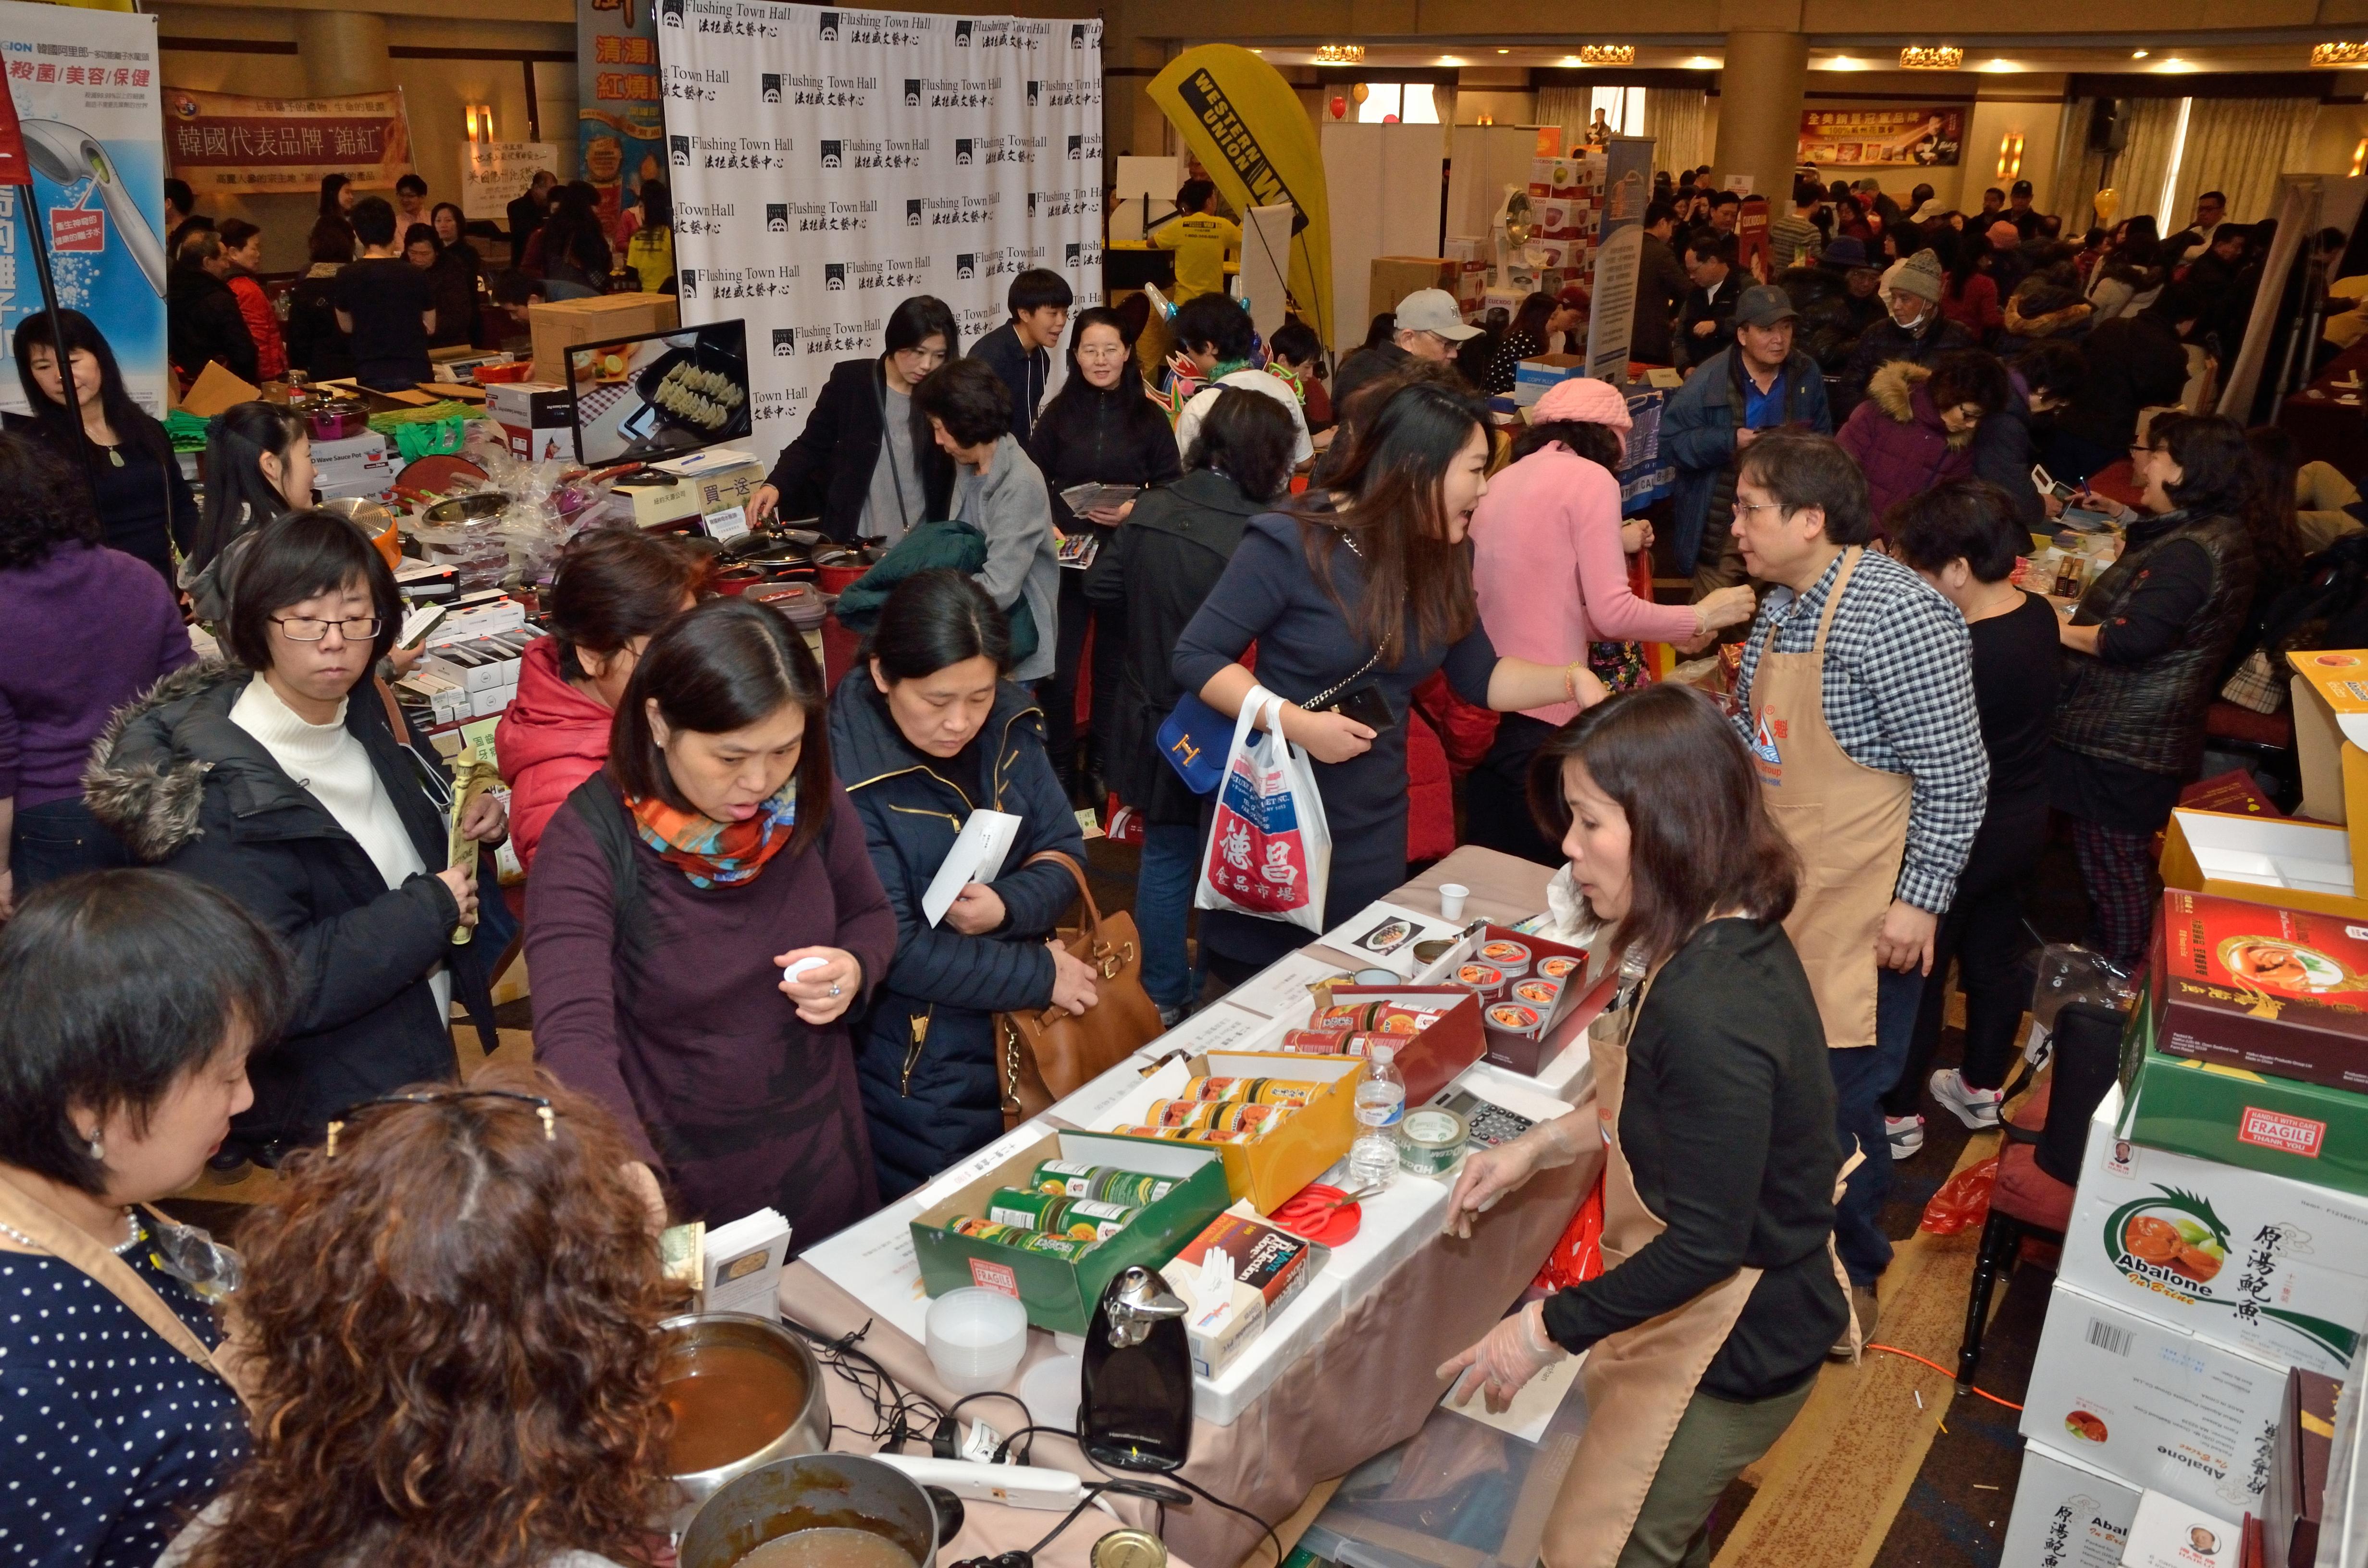 2017年「世界日報年節展銷會」現場實況,人潮眾多,買氣超強。